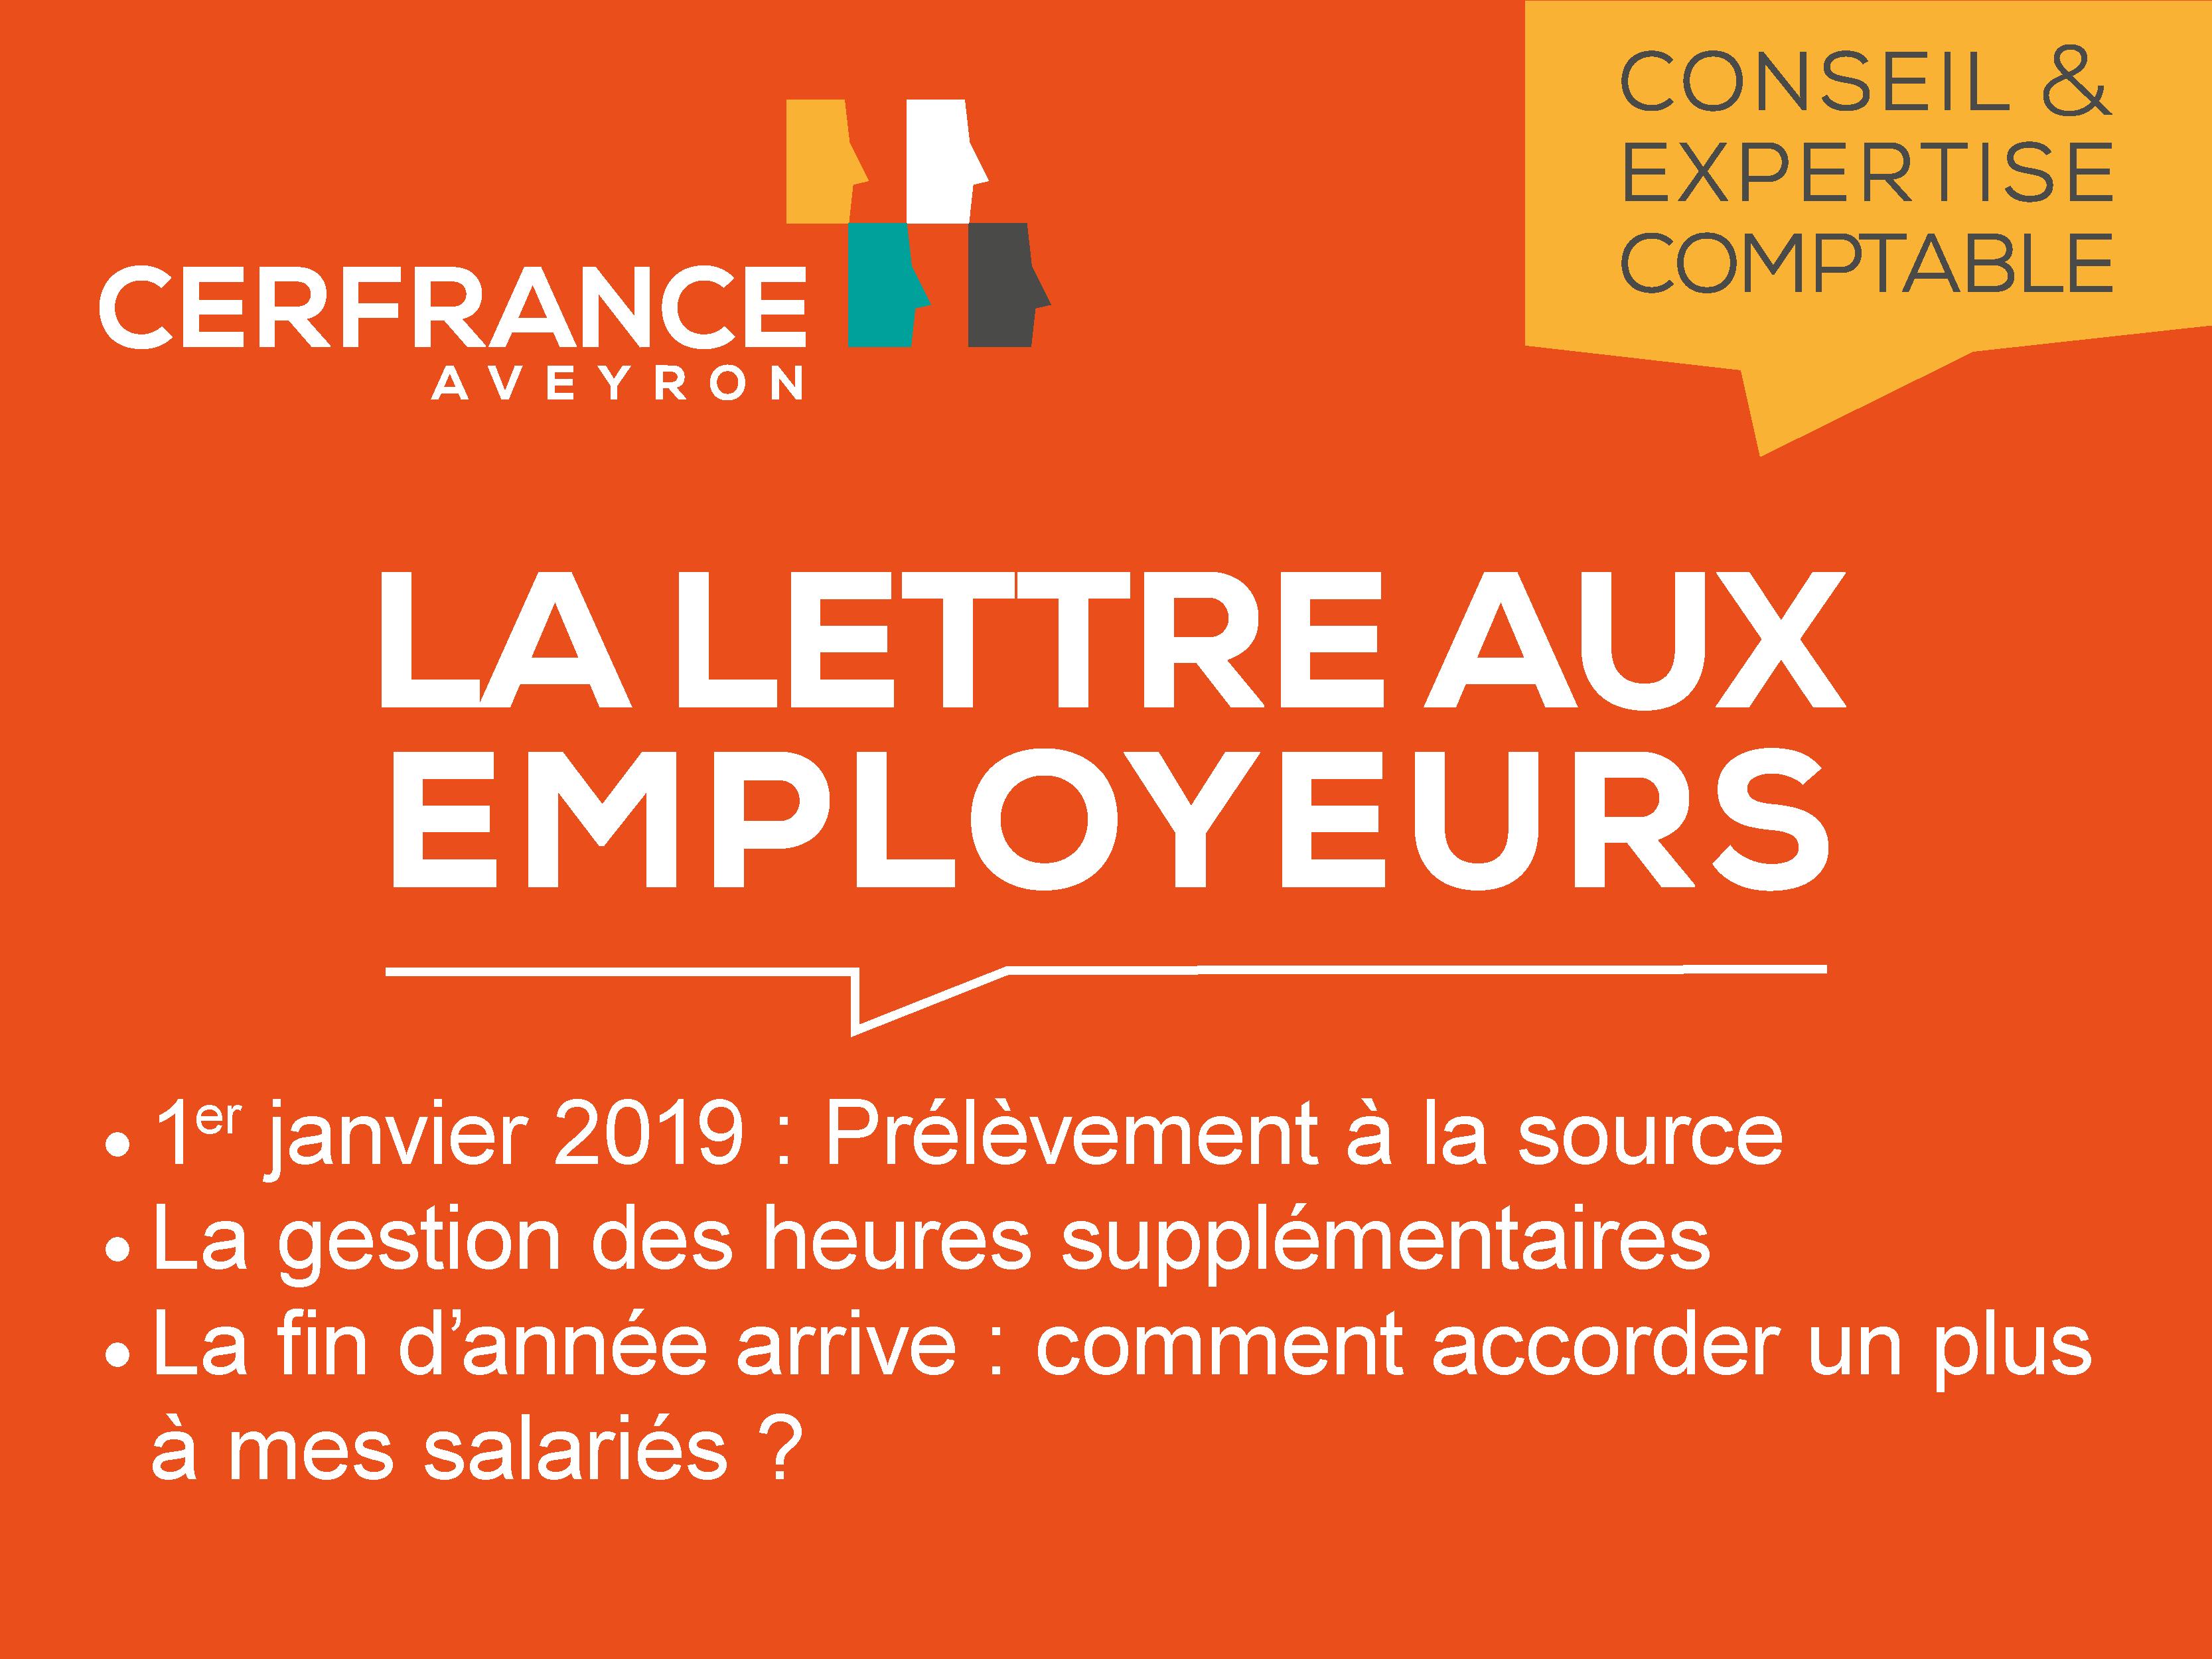 Lettre aux employeurs - Octobre 2018